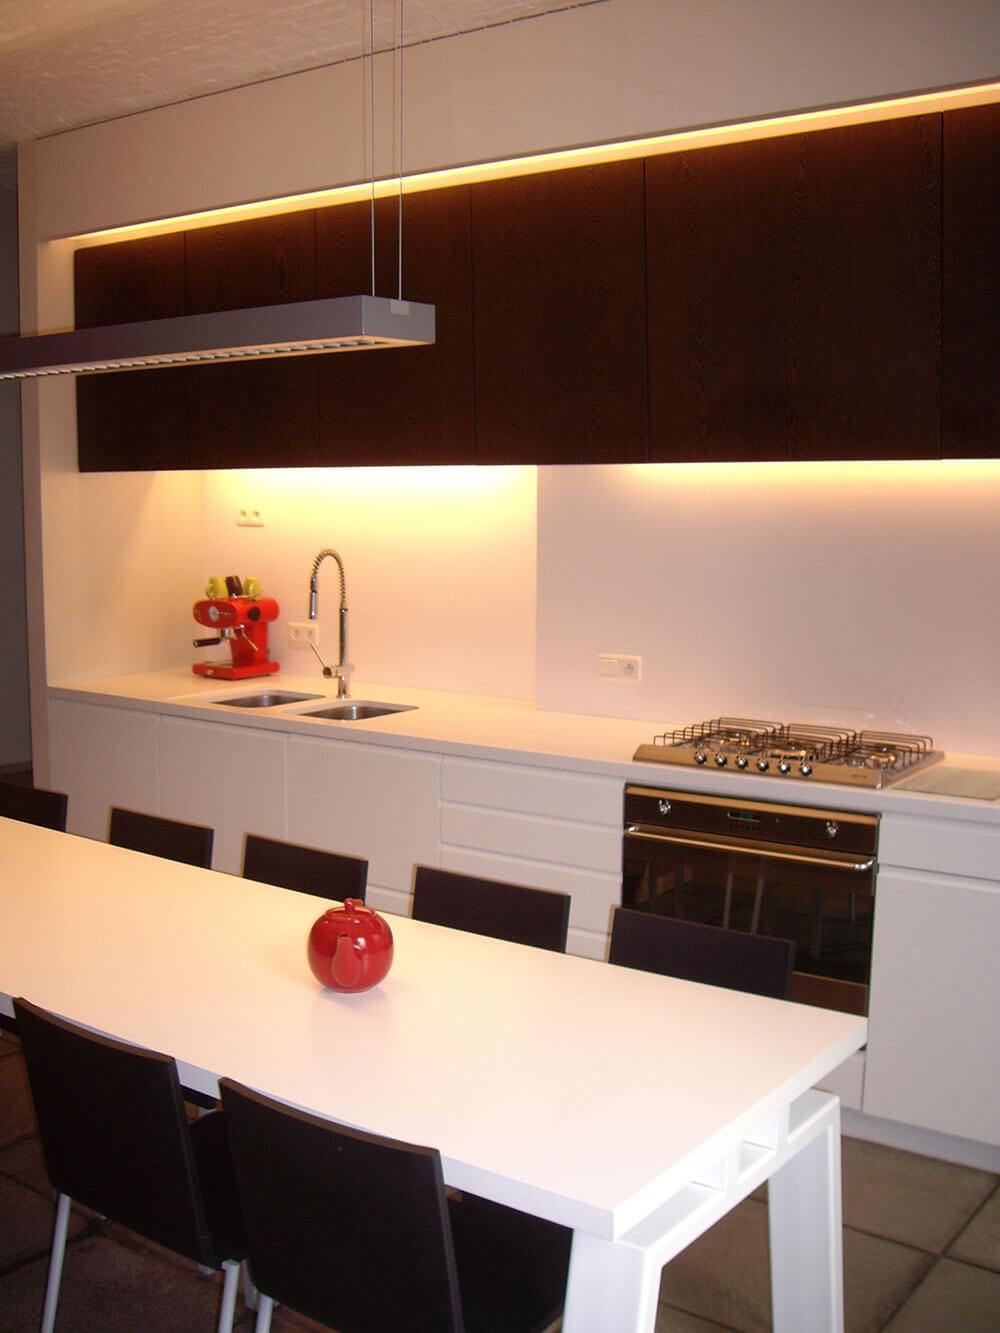 Keuken met specifiek ontworpen meubilair door AAA